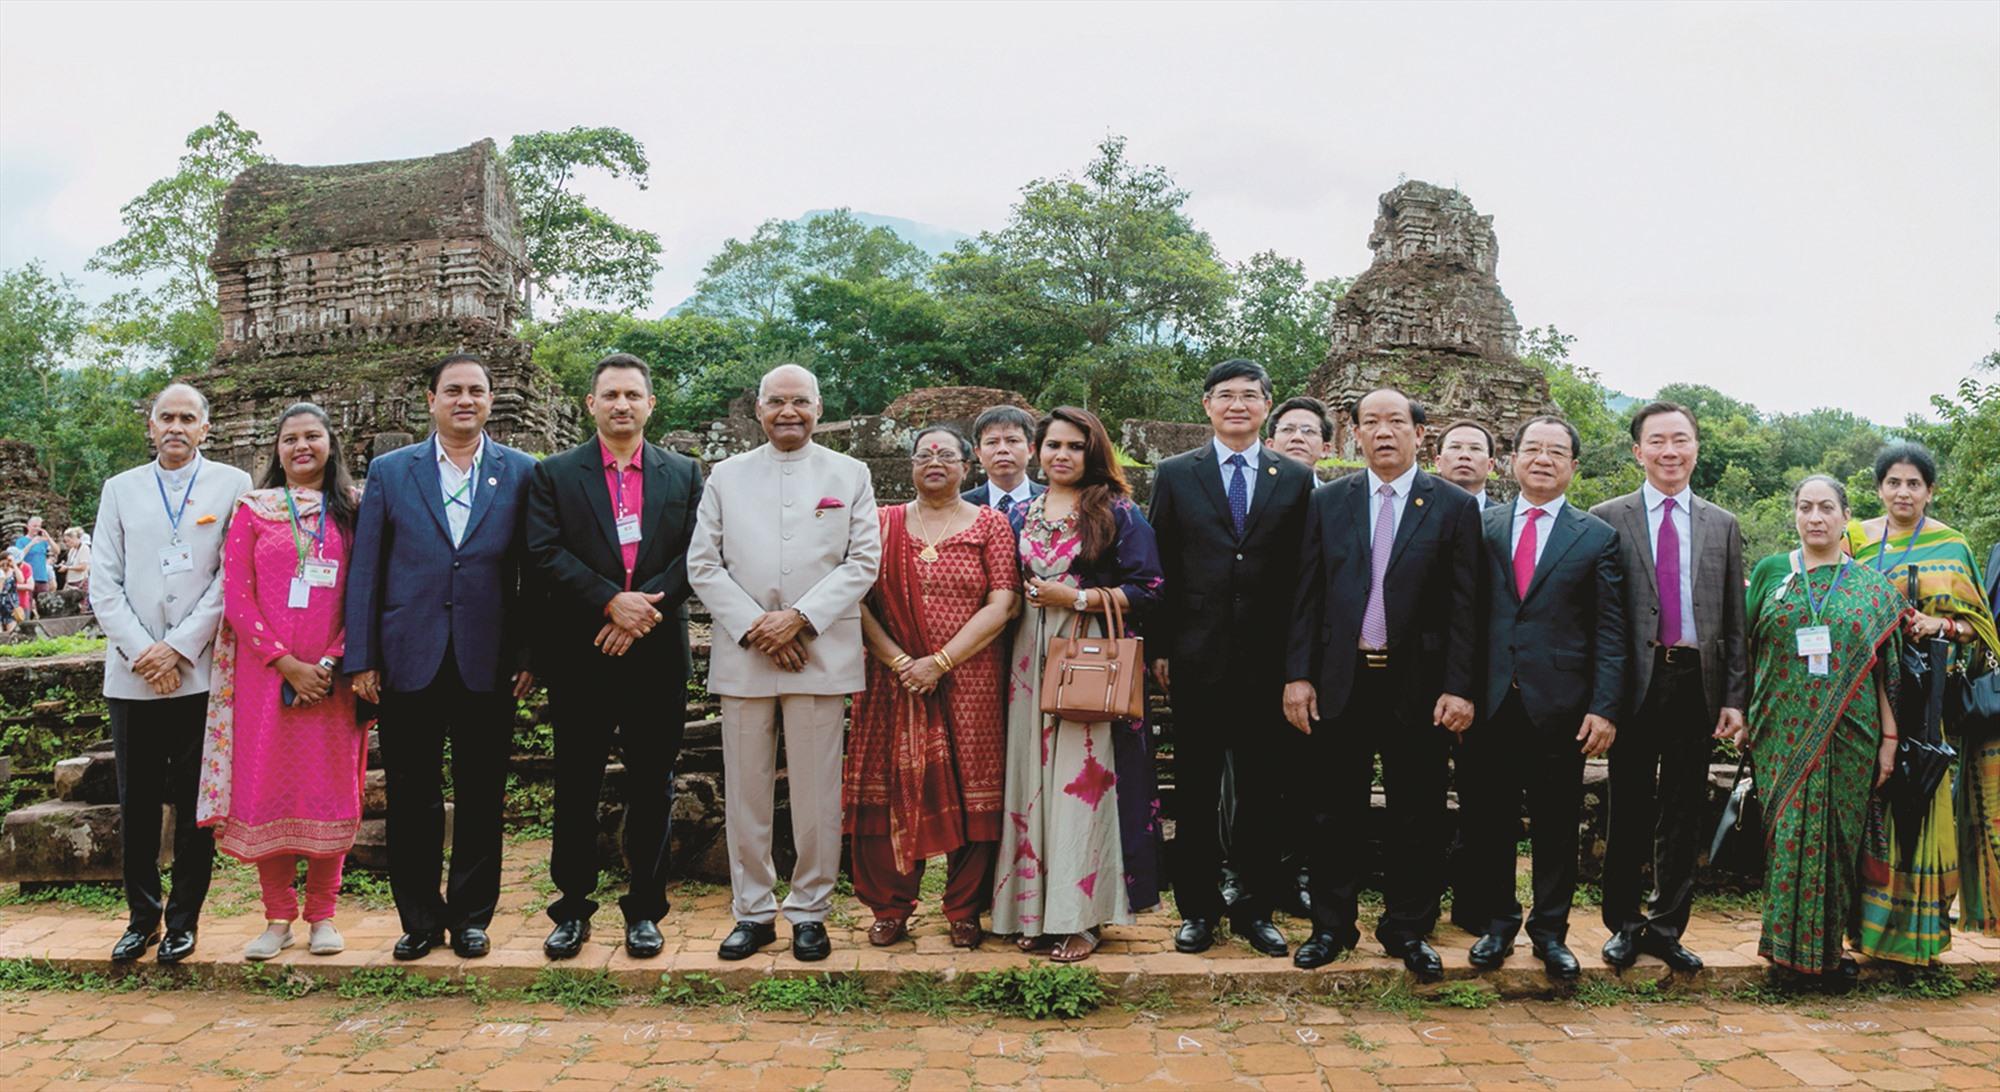 Tổng thống Ấn Độ Ram Nath Kovind thăm Mỹ Sơn và chụp hình lưu niệm với lãnh đạo tỉnh Quảng Nam vào tháng 11.2018. Ảnh: LÊ TRỌNG KHANG